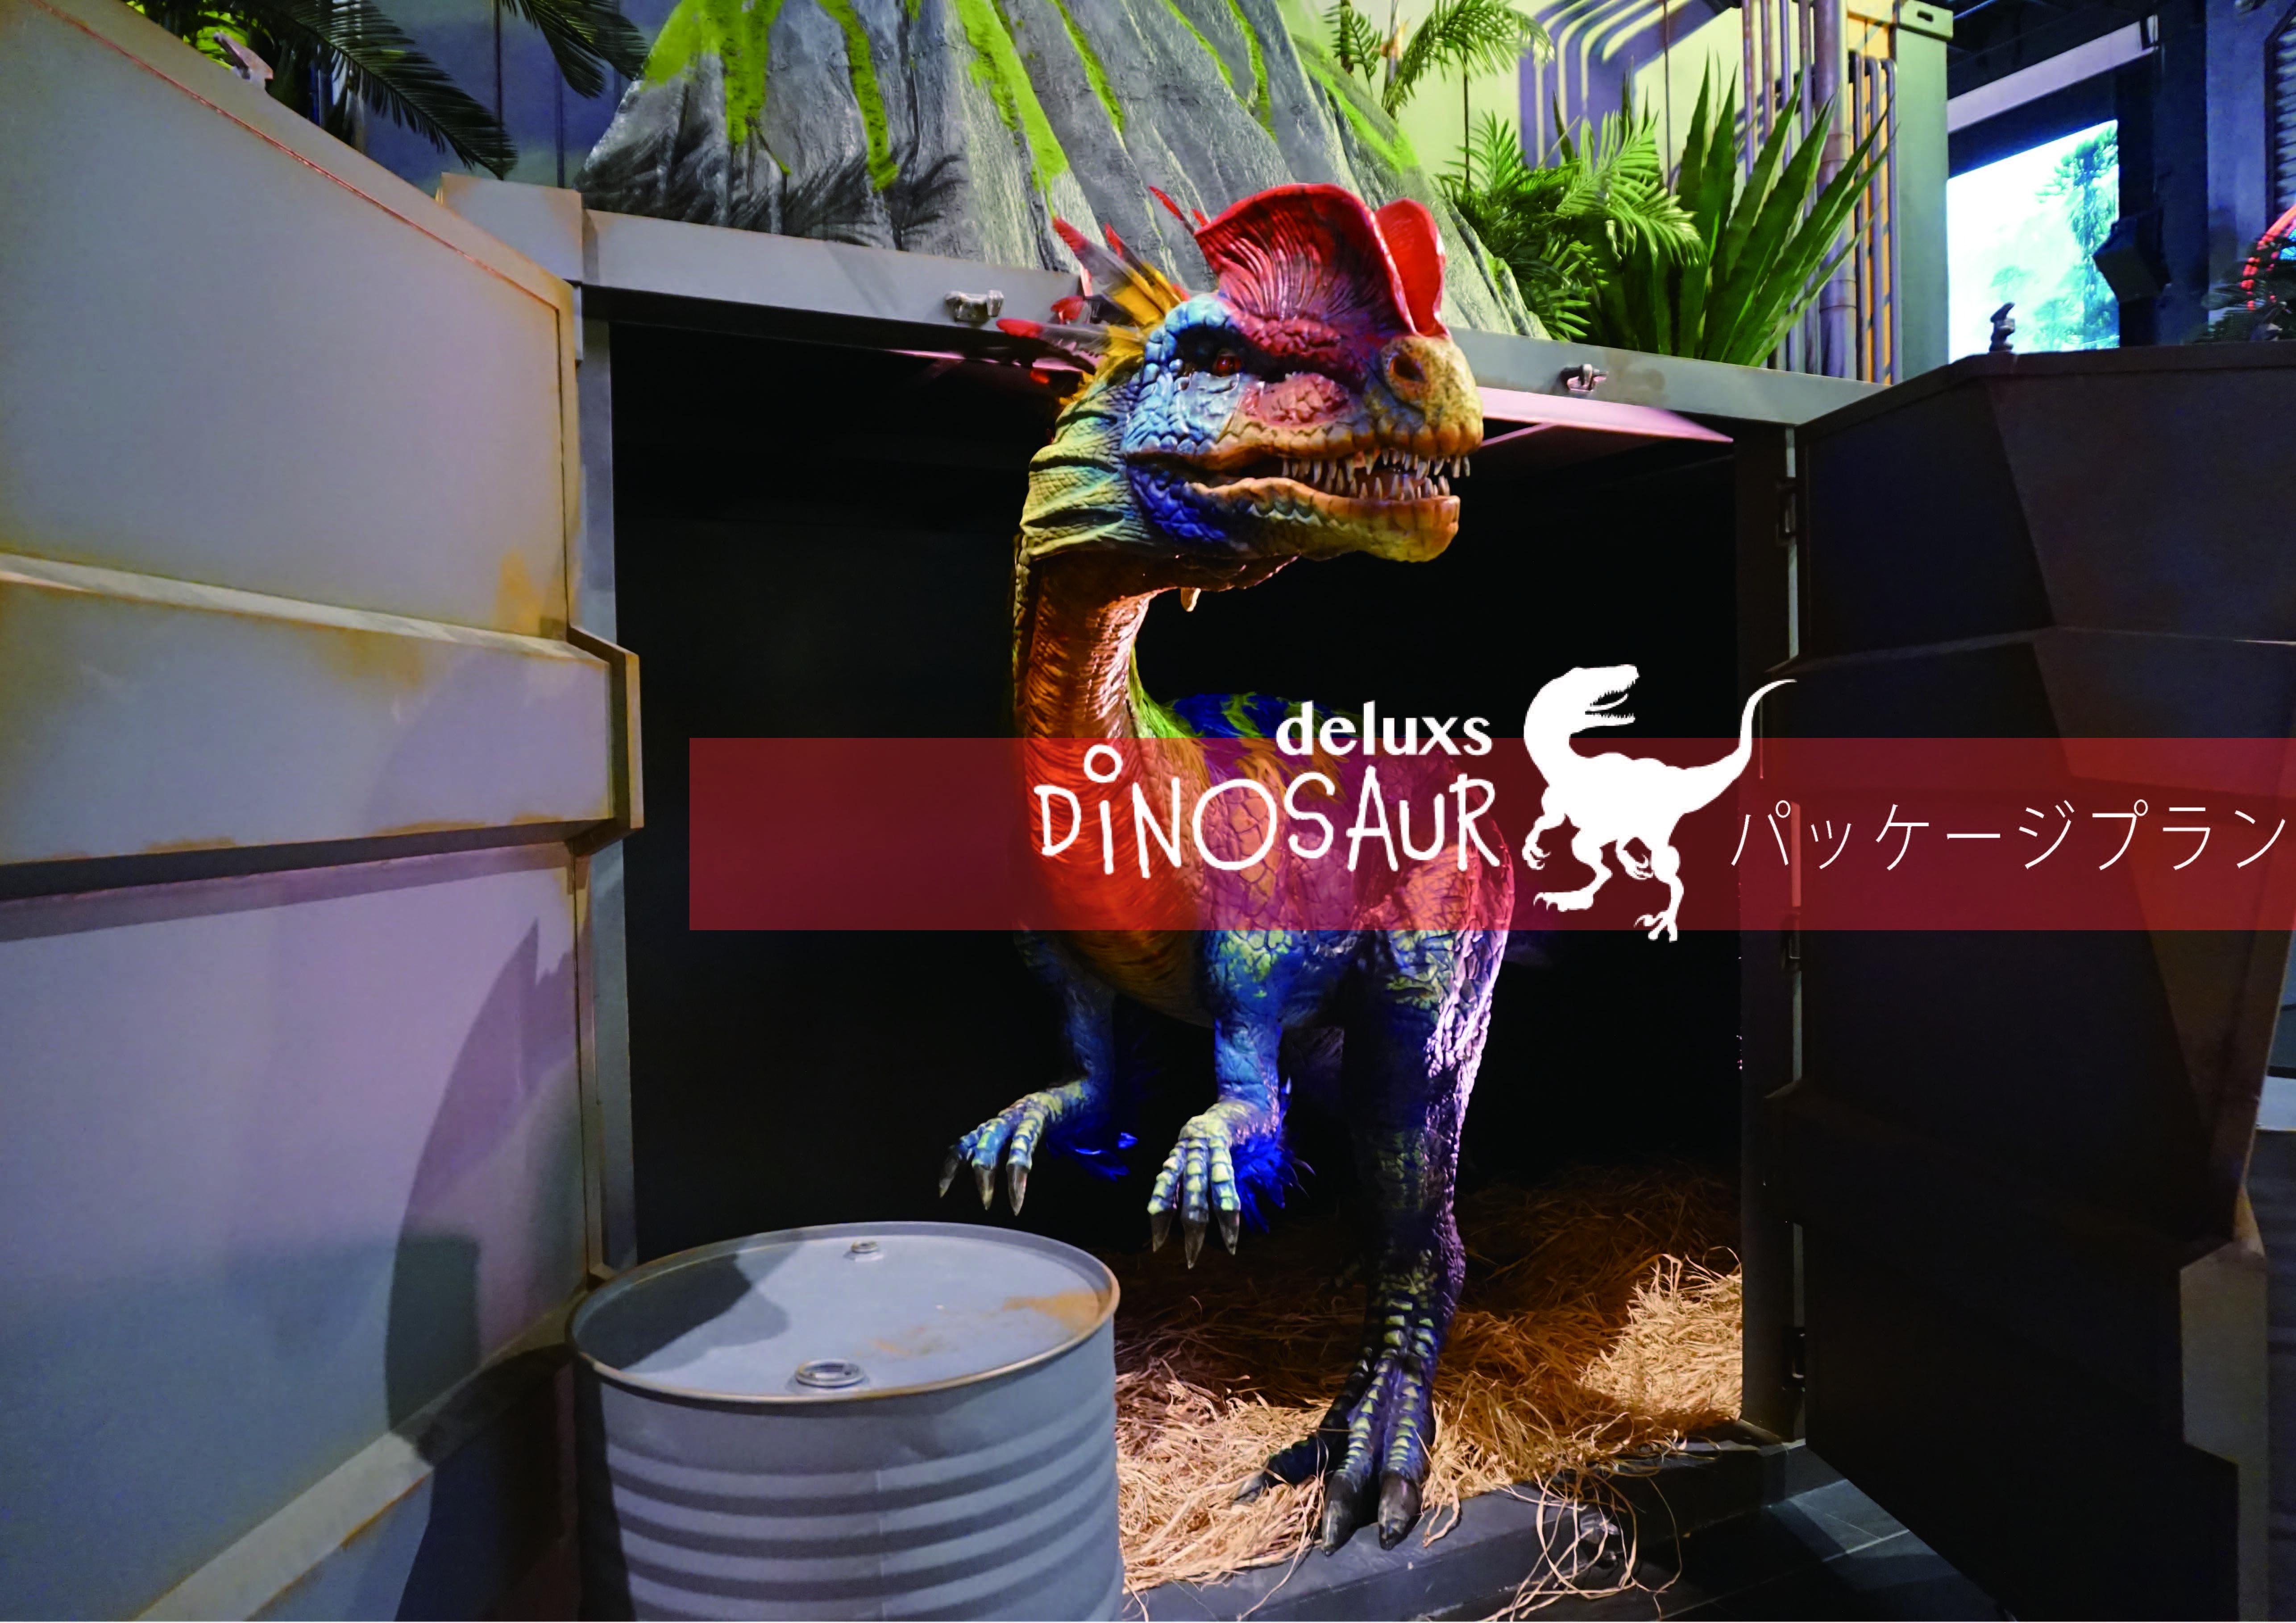 Deluxs Dinosaur セットレンタルサービス紹介